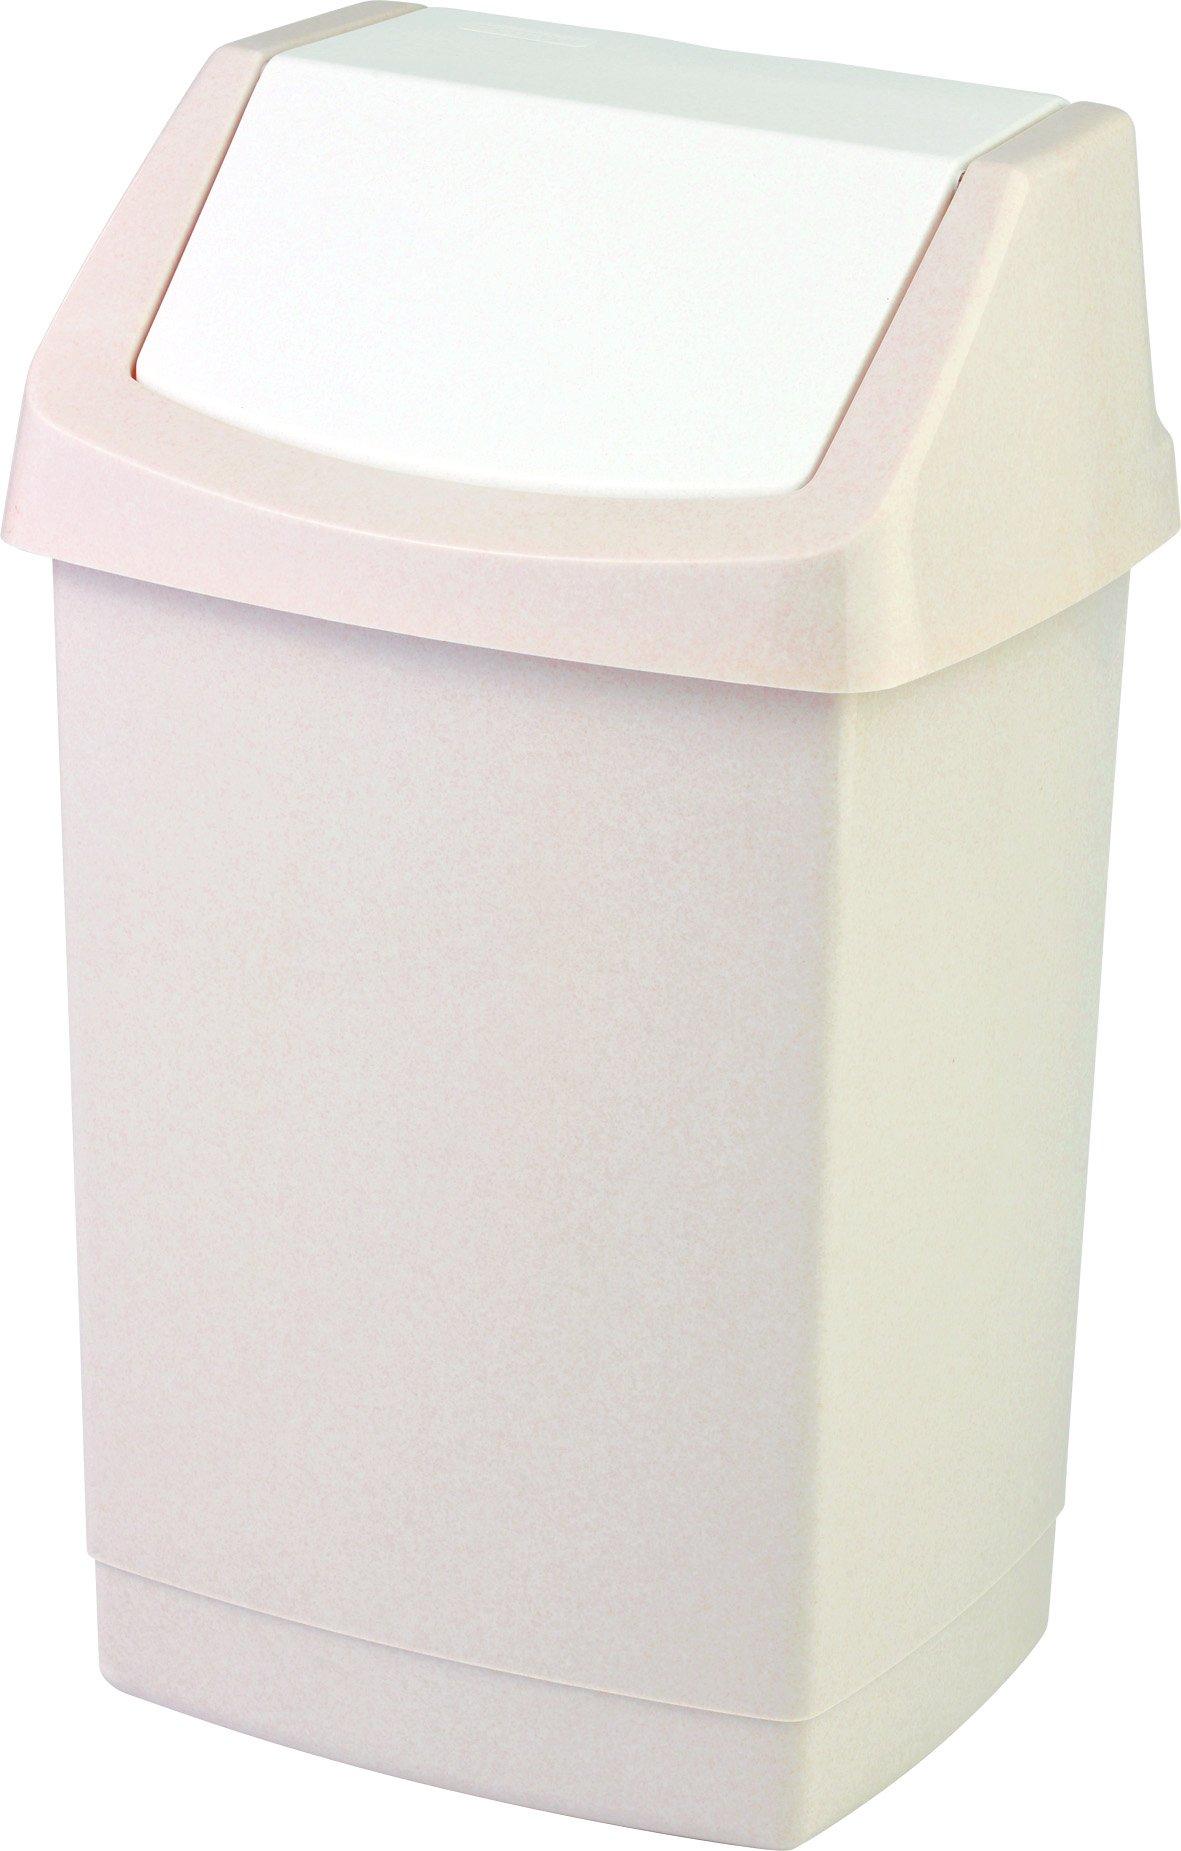 Curver odpadkový koš, CLICK-IT, béžový, 15l